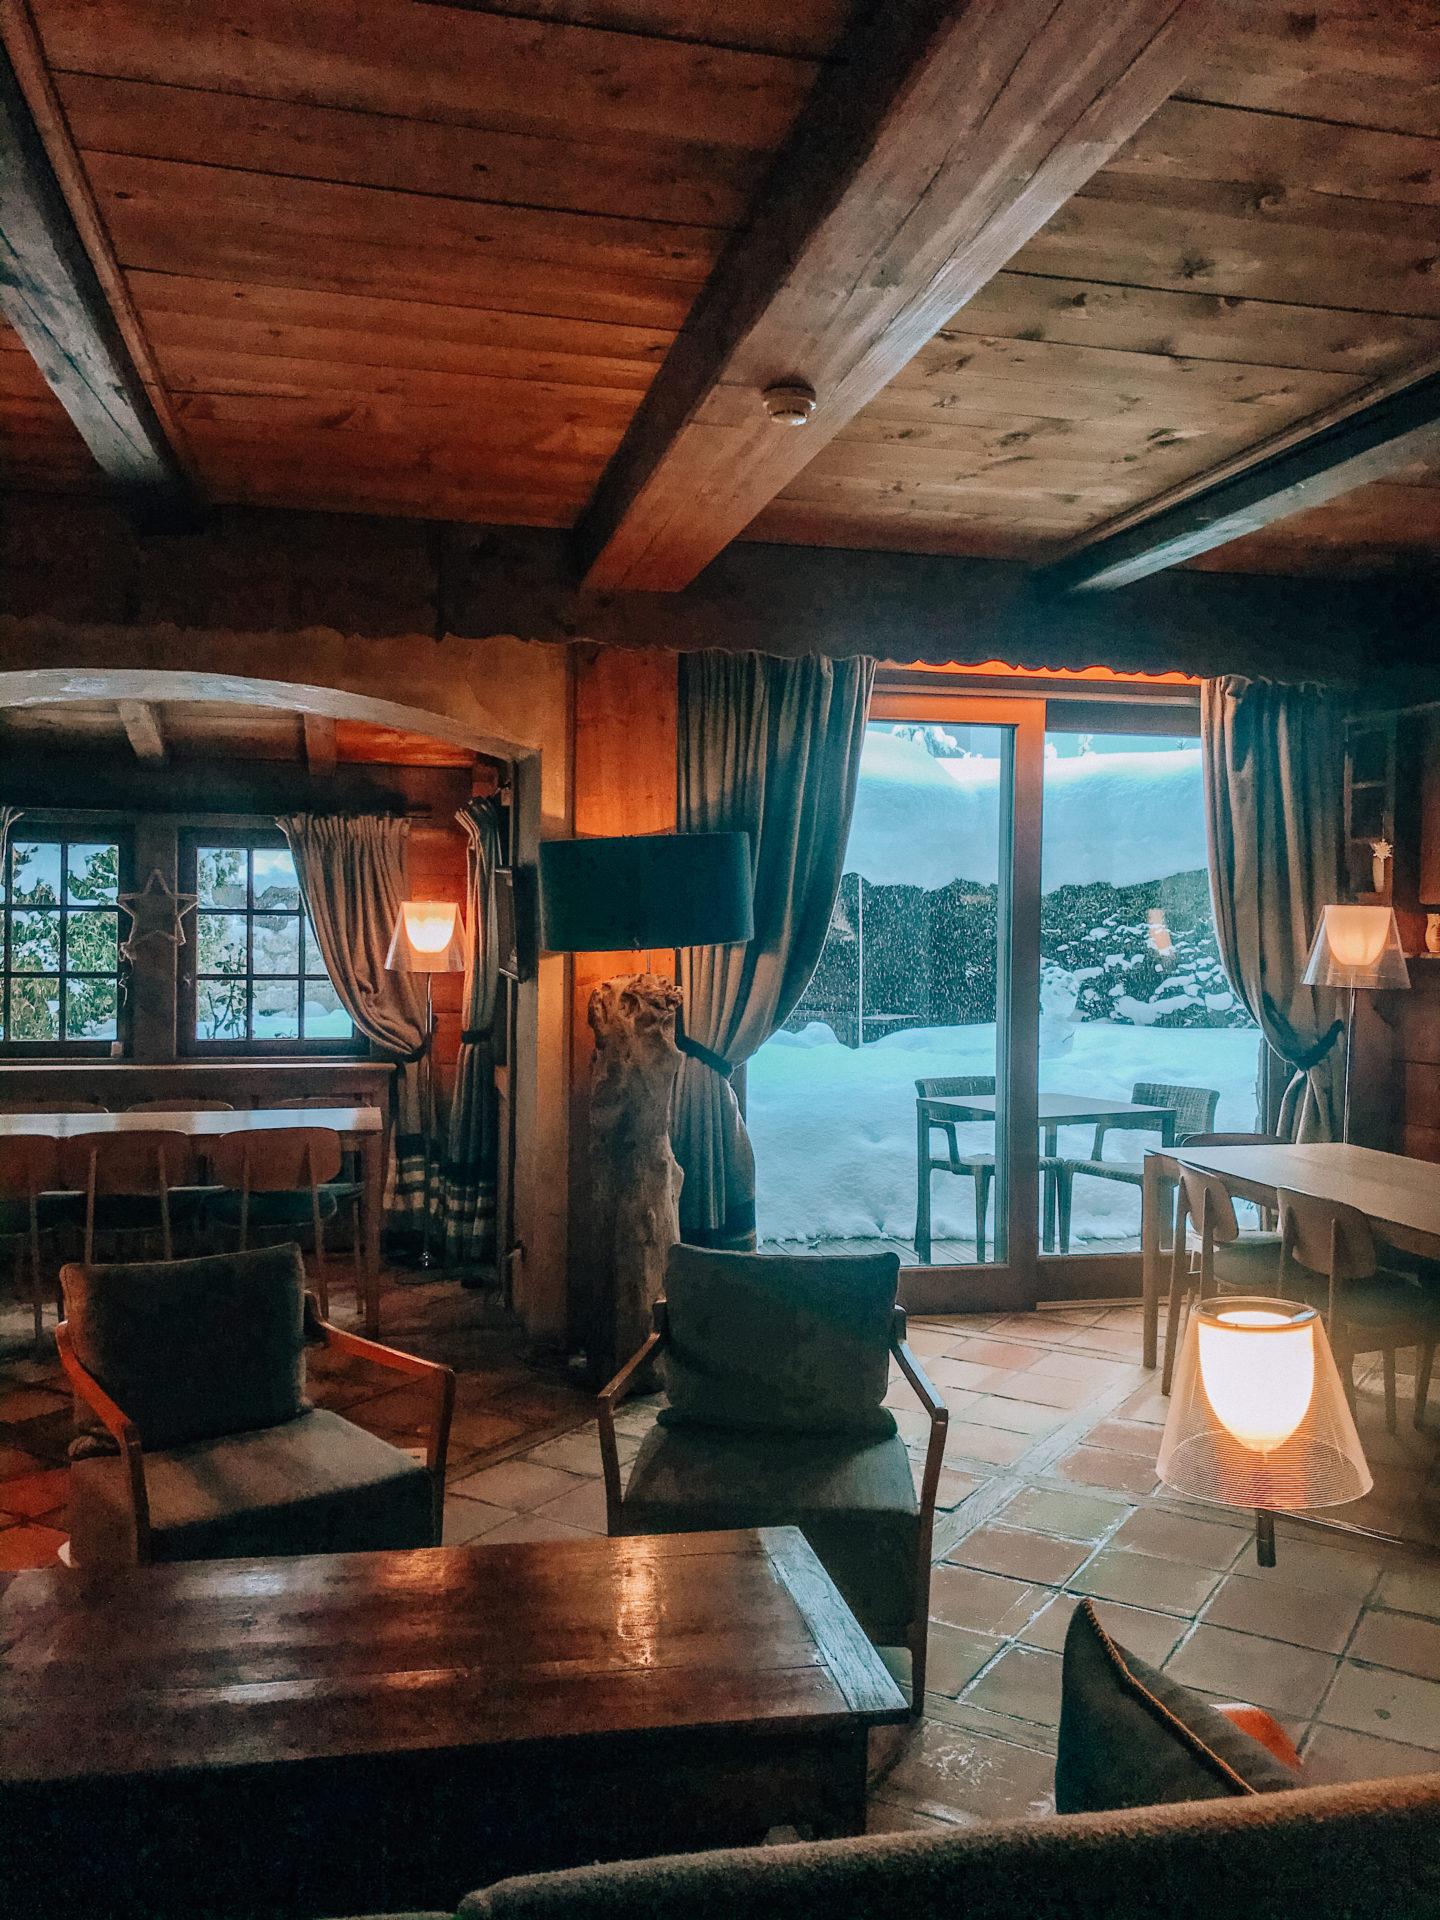 Hotel Au Coin du Feu in Megeve